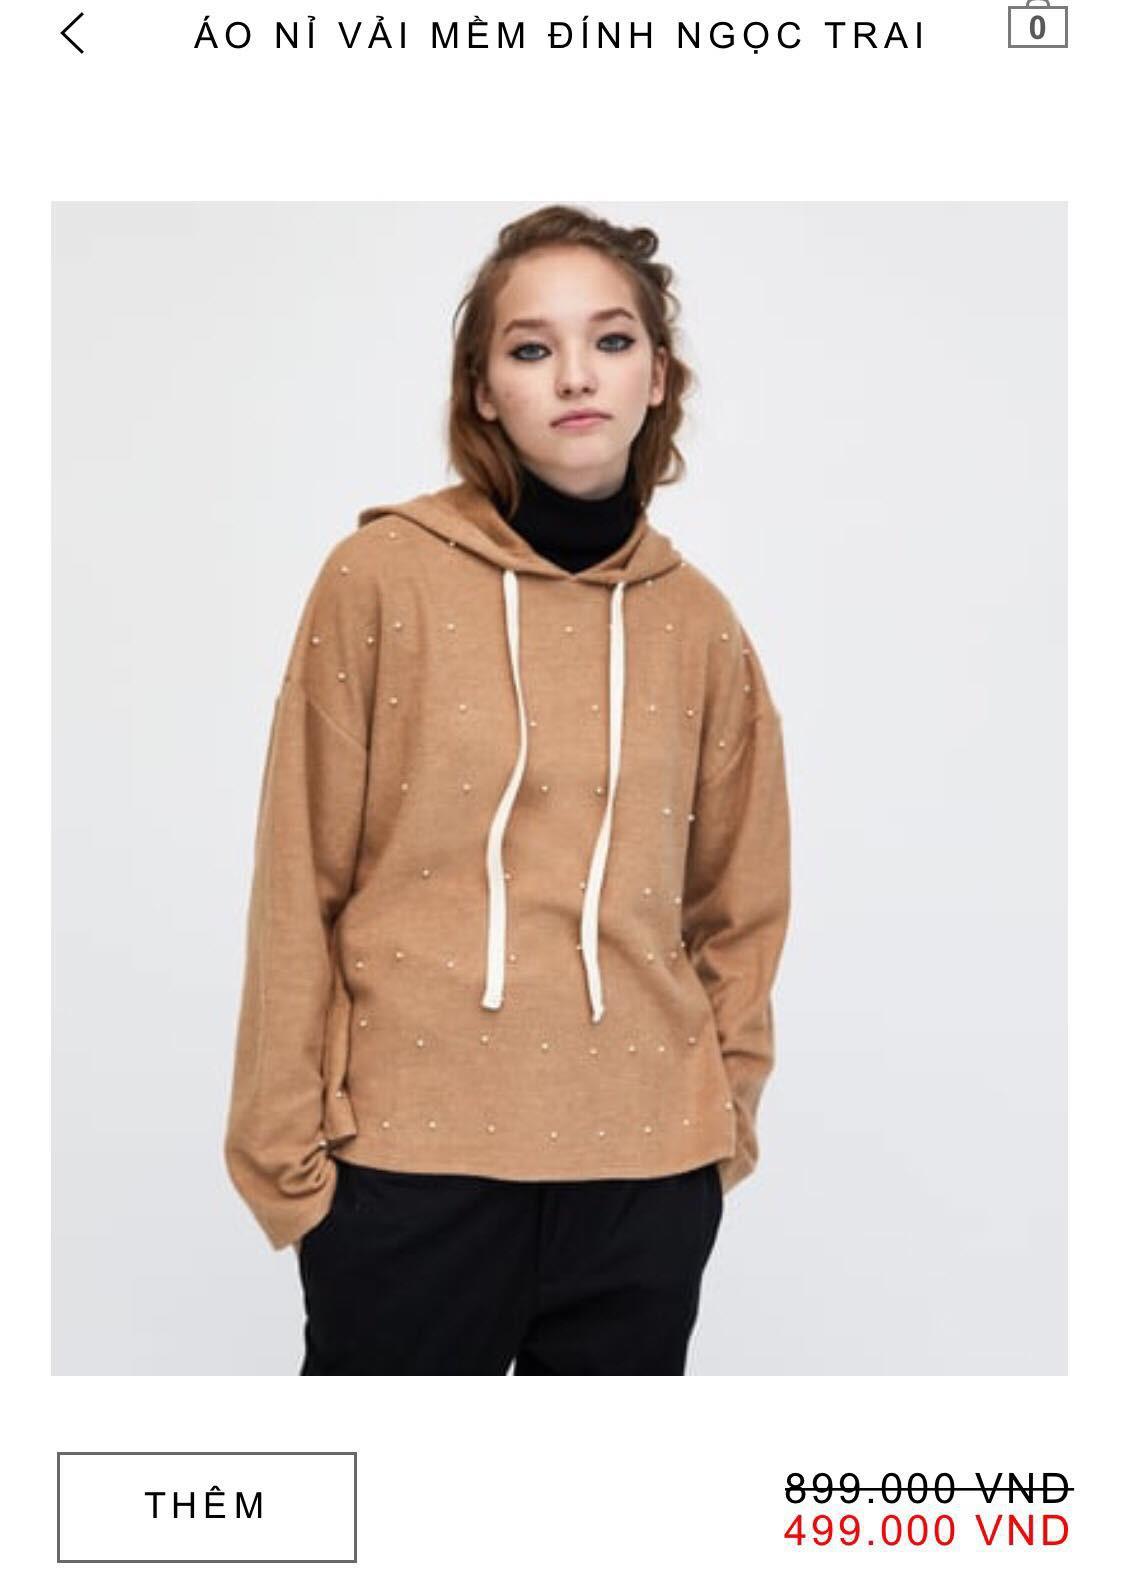 14 mẫu áo len, áo nỉ dưới 500.000 VNĐ xinh xắn, trendy đáng sắm nhất đợt sale này của Zara - Ảnh 9.